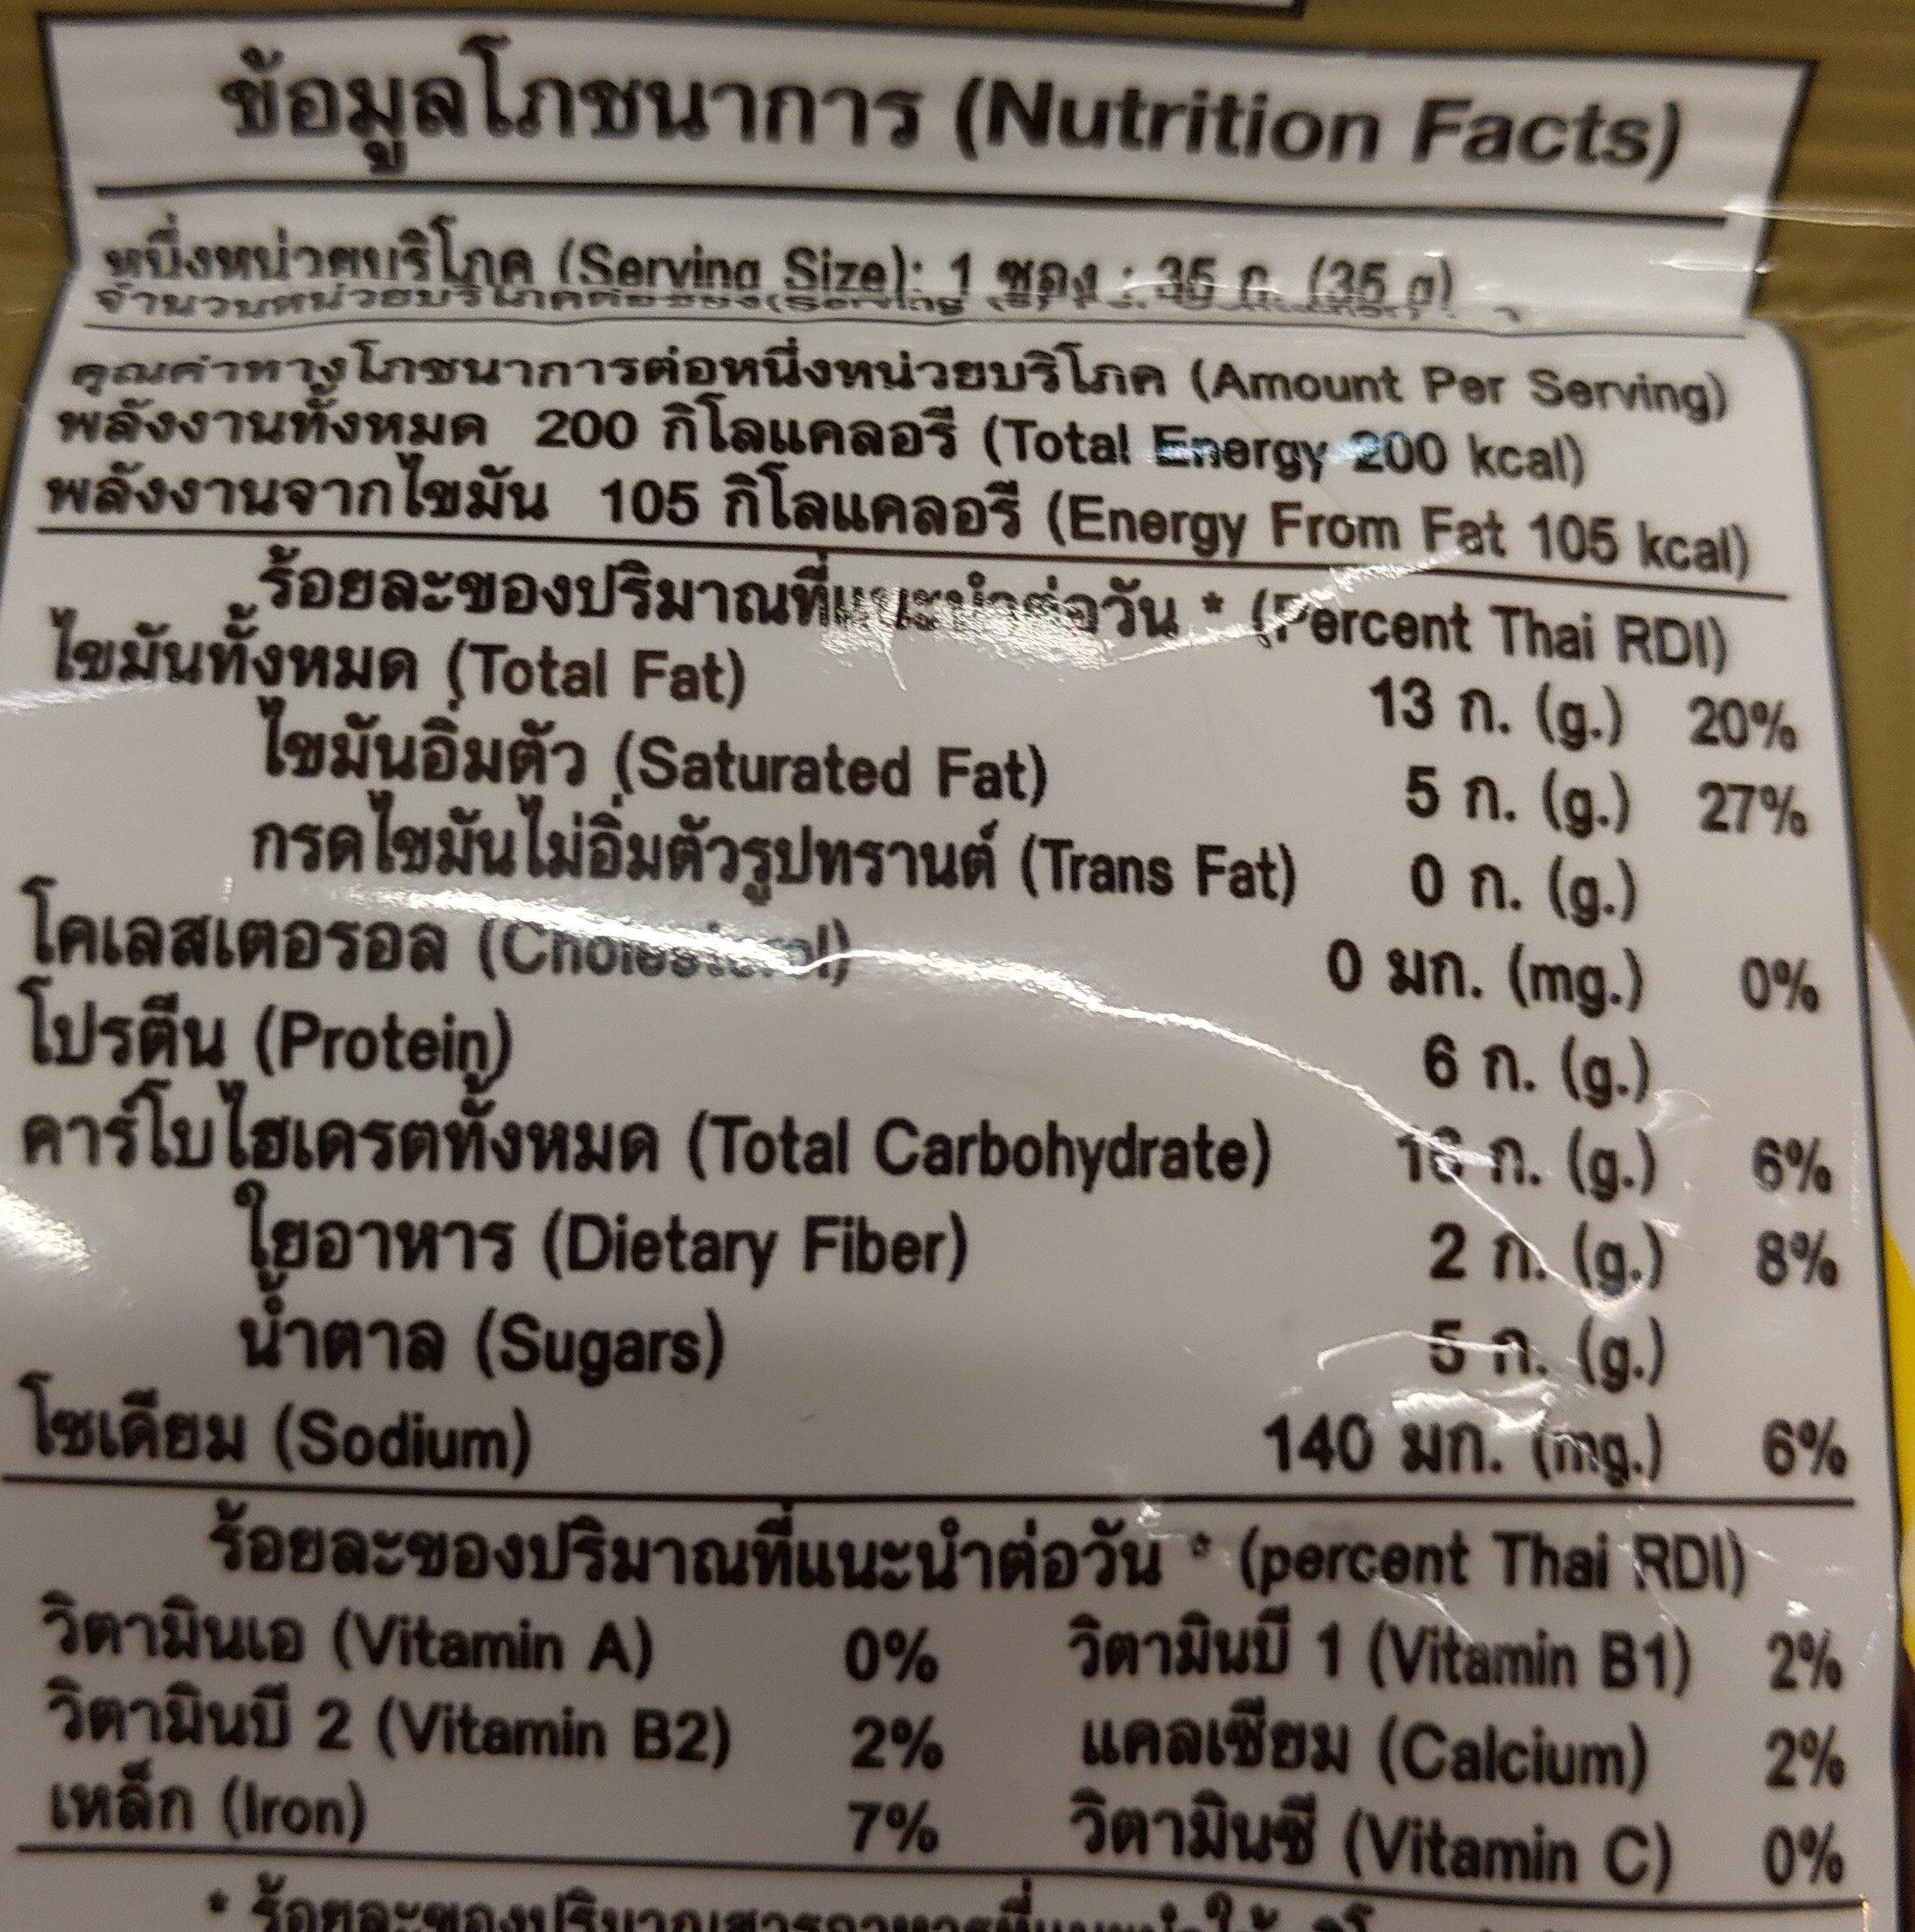 โก๋แก่รสกาแฟ - Voedingswaarden